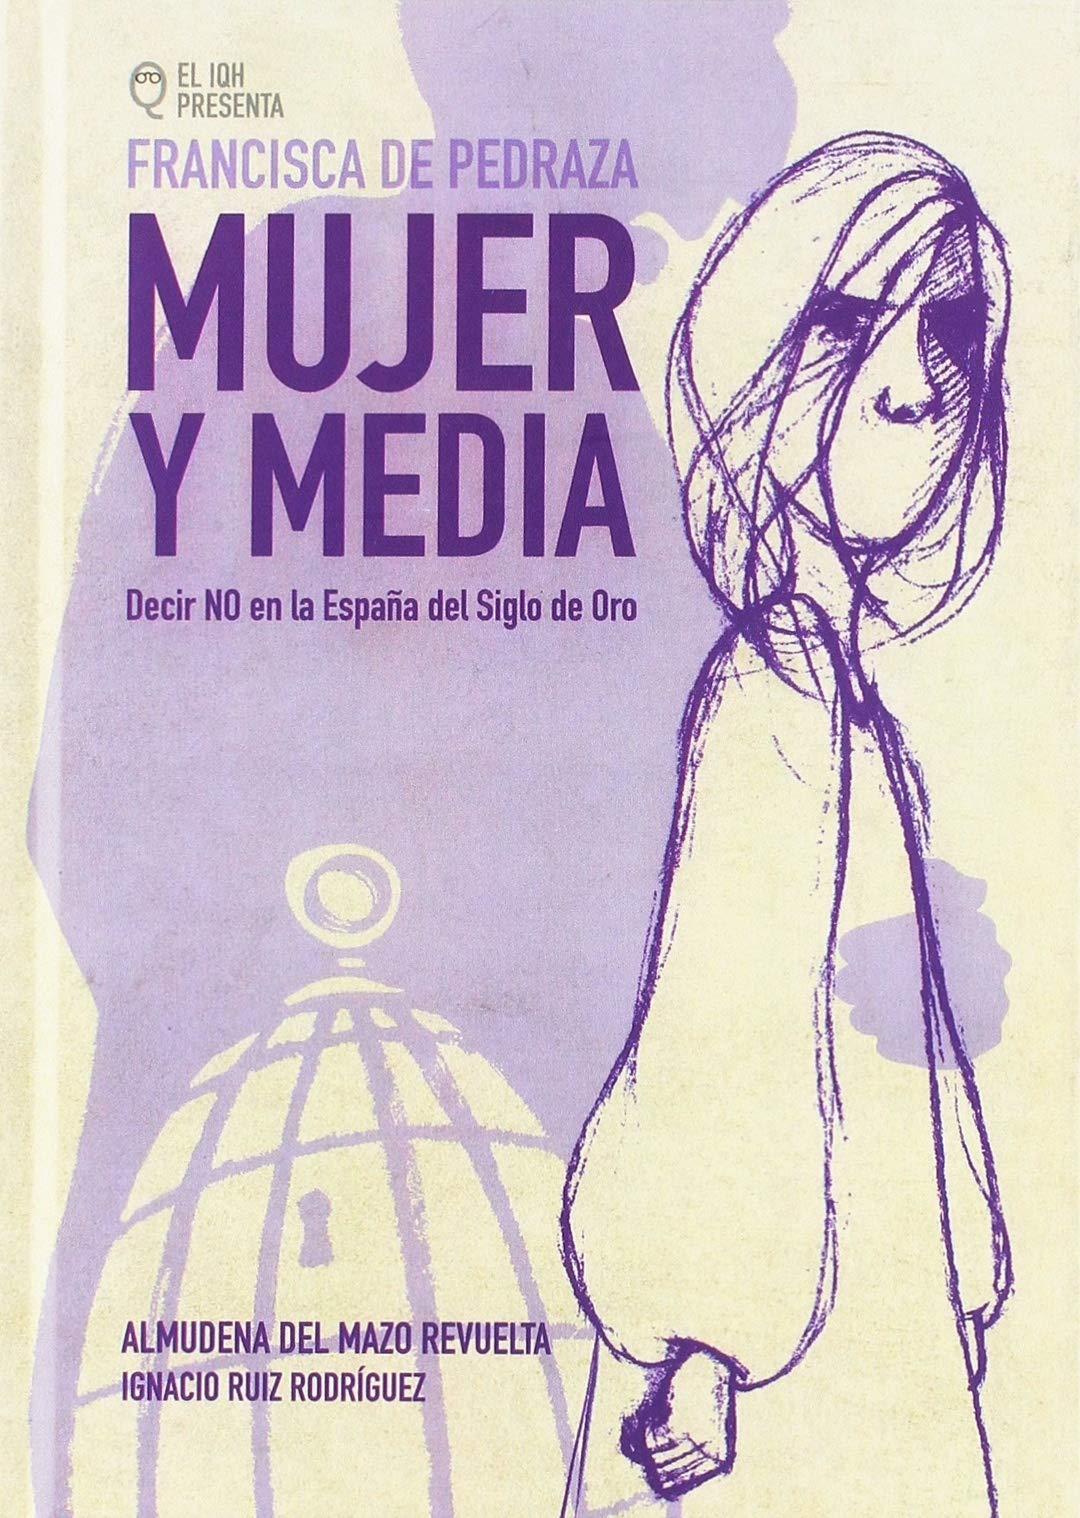 Francisca Pedraza, mujer y media: Decir